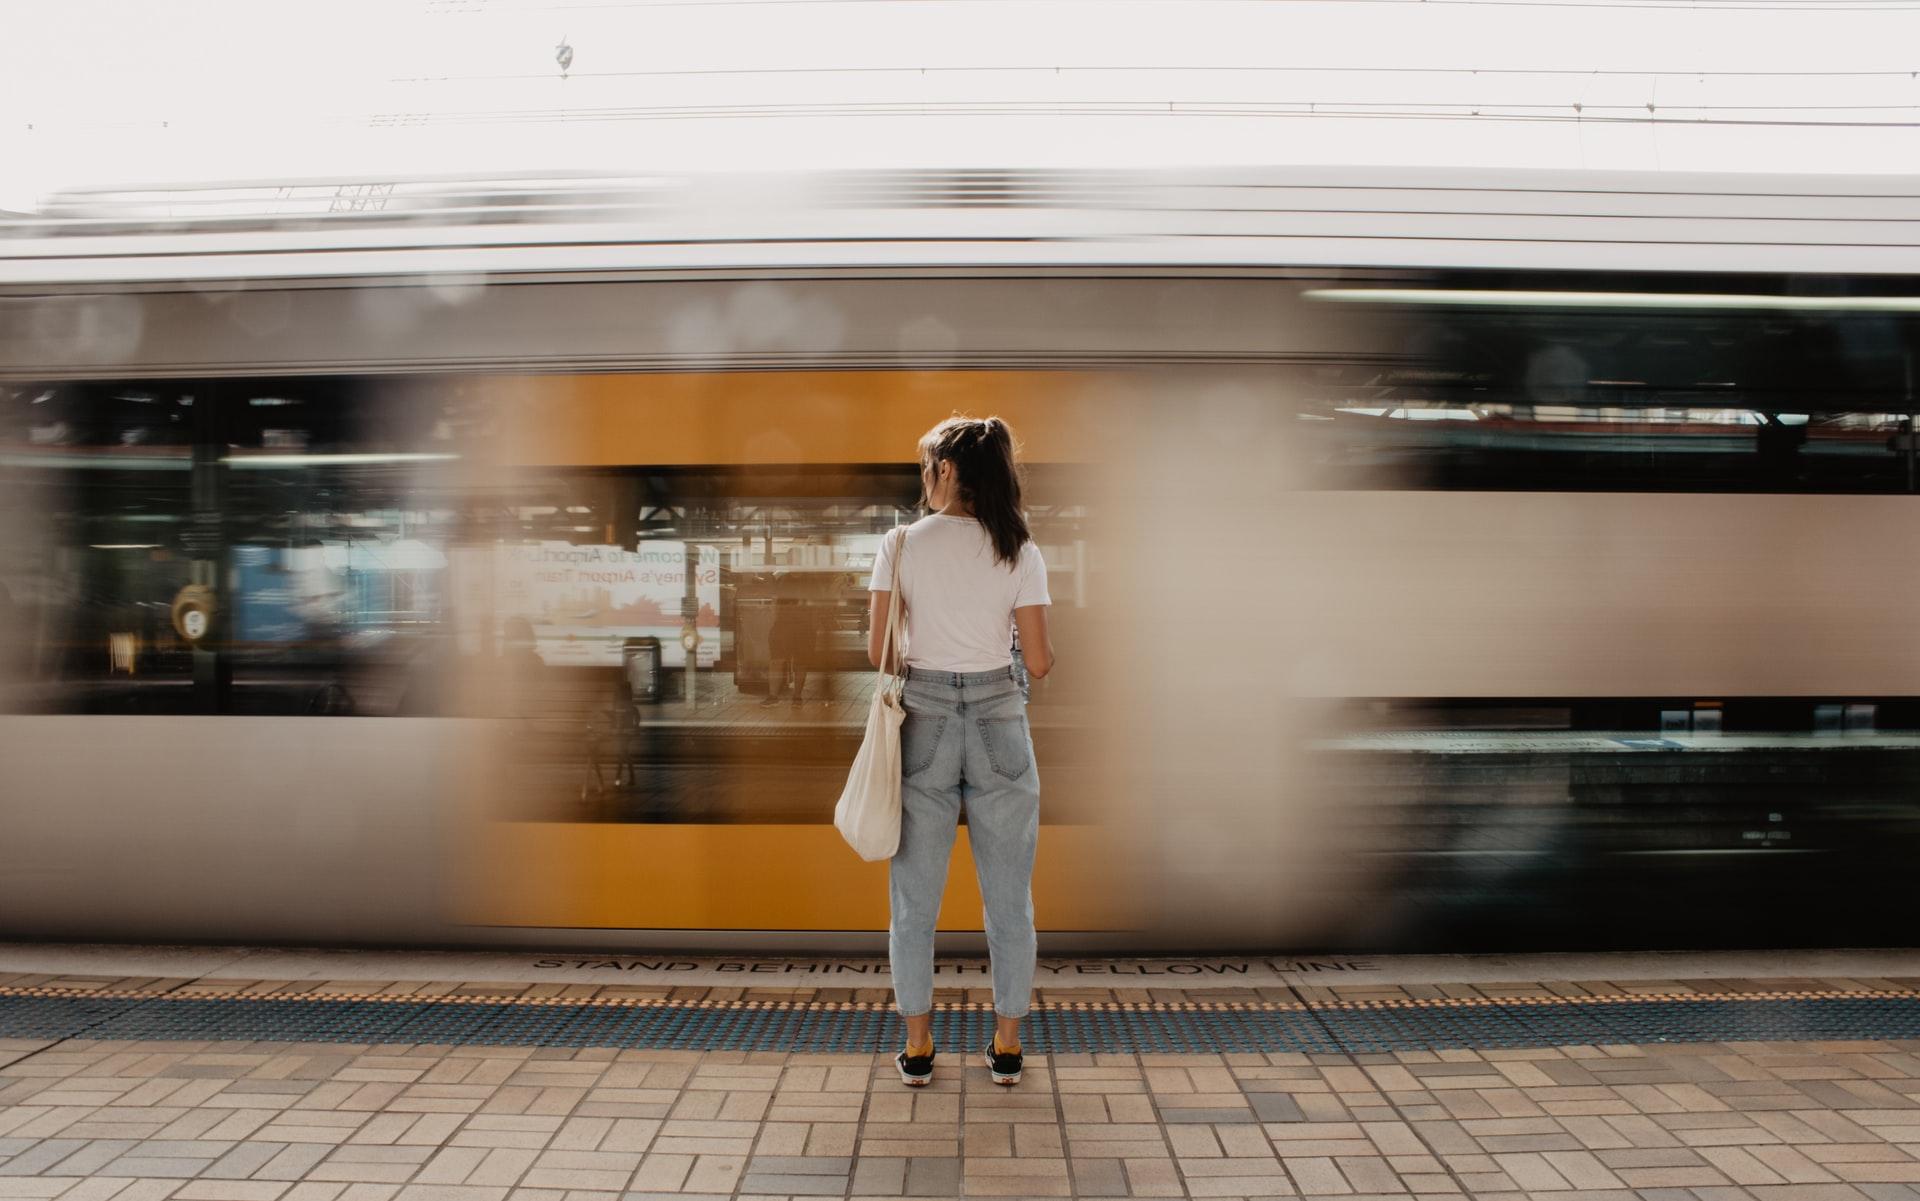 電車で遠くまででかける女性